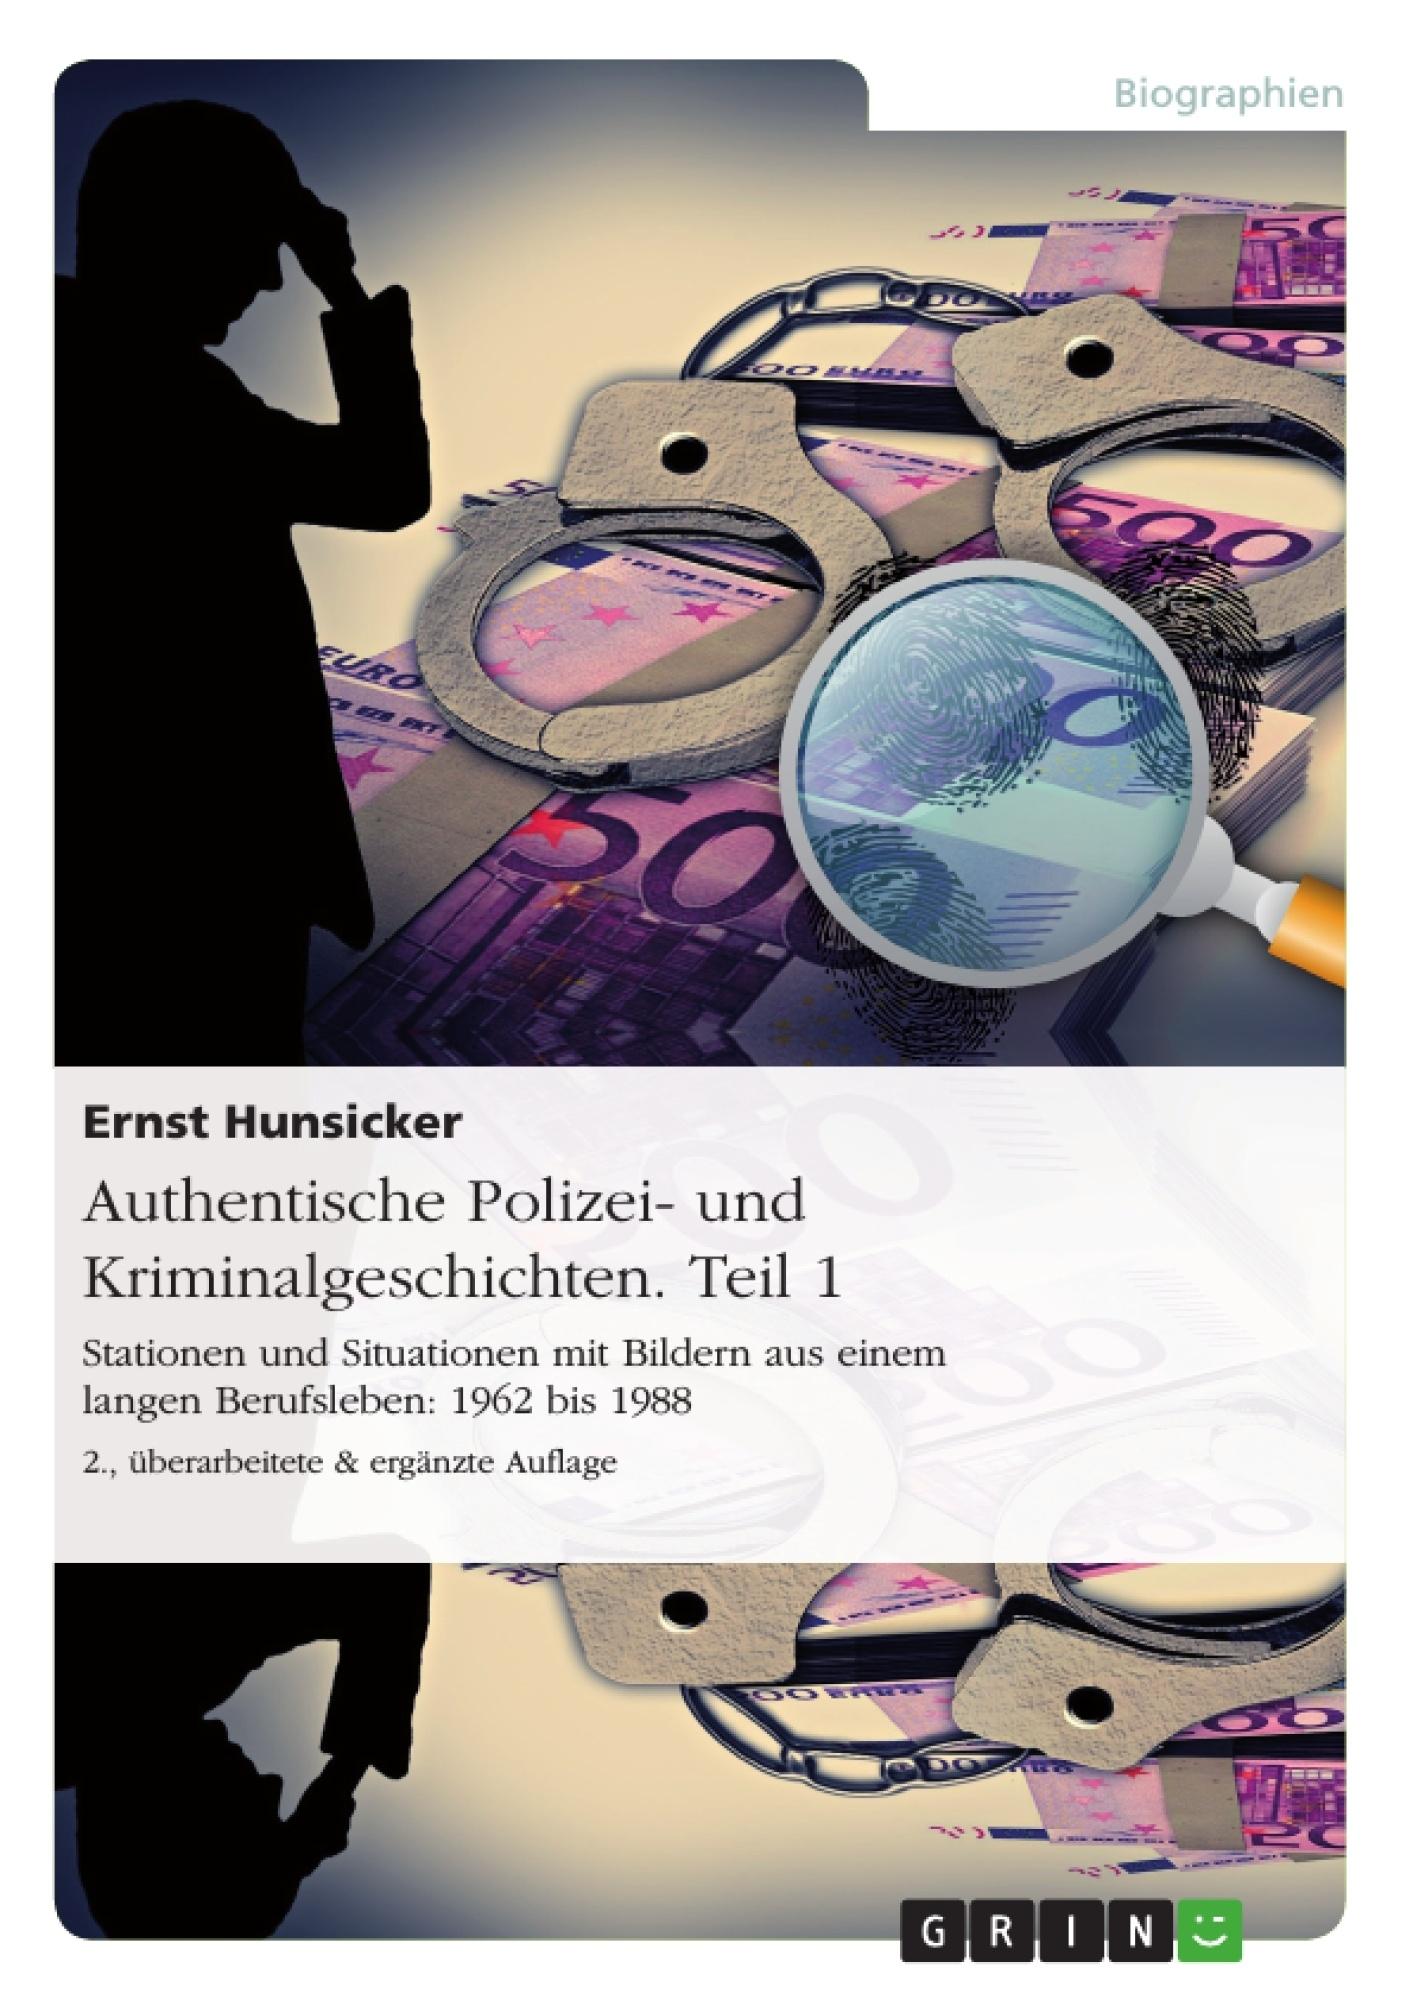 Titel: Authentische Polizei- und Kriminalgeschichten. Teil 1